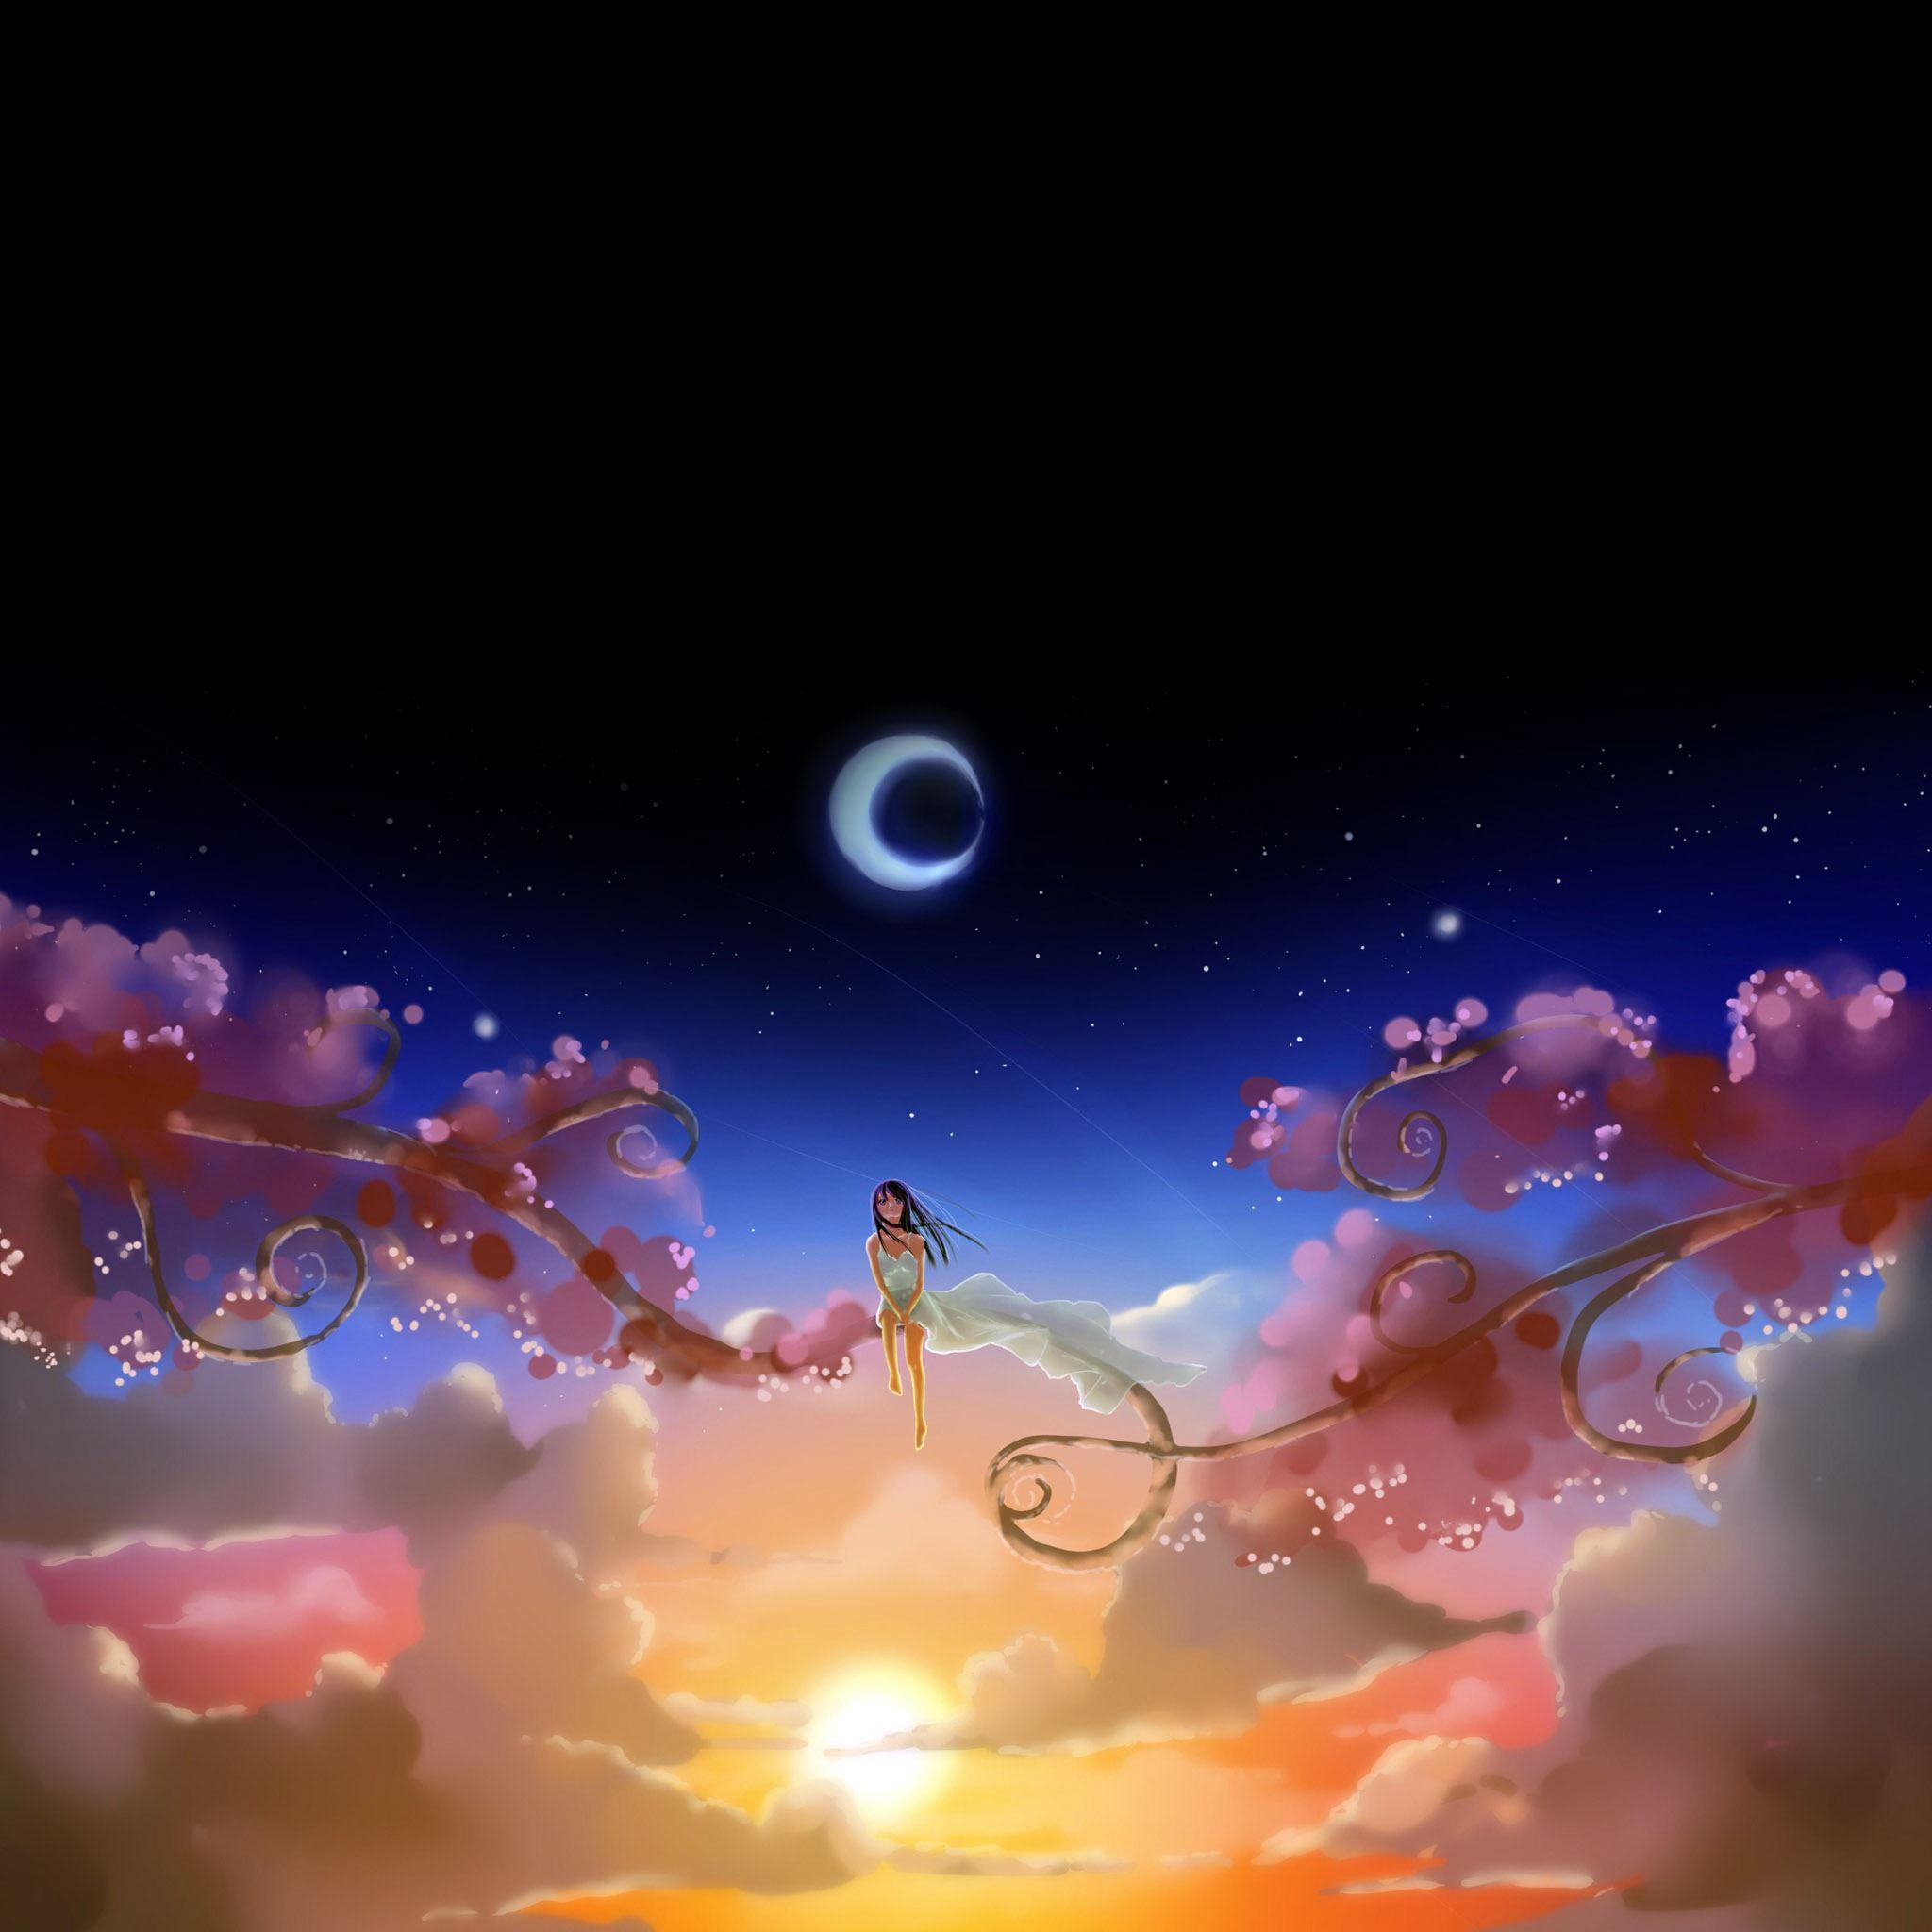 Anime Girl Dream Moon Ipad Air Wallpaper